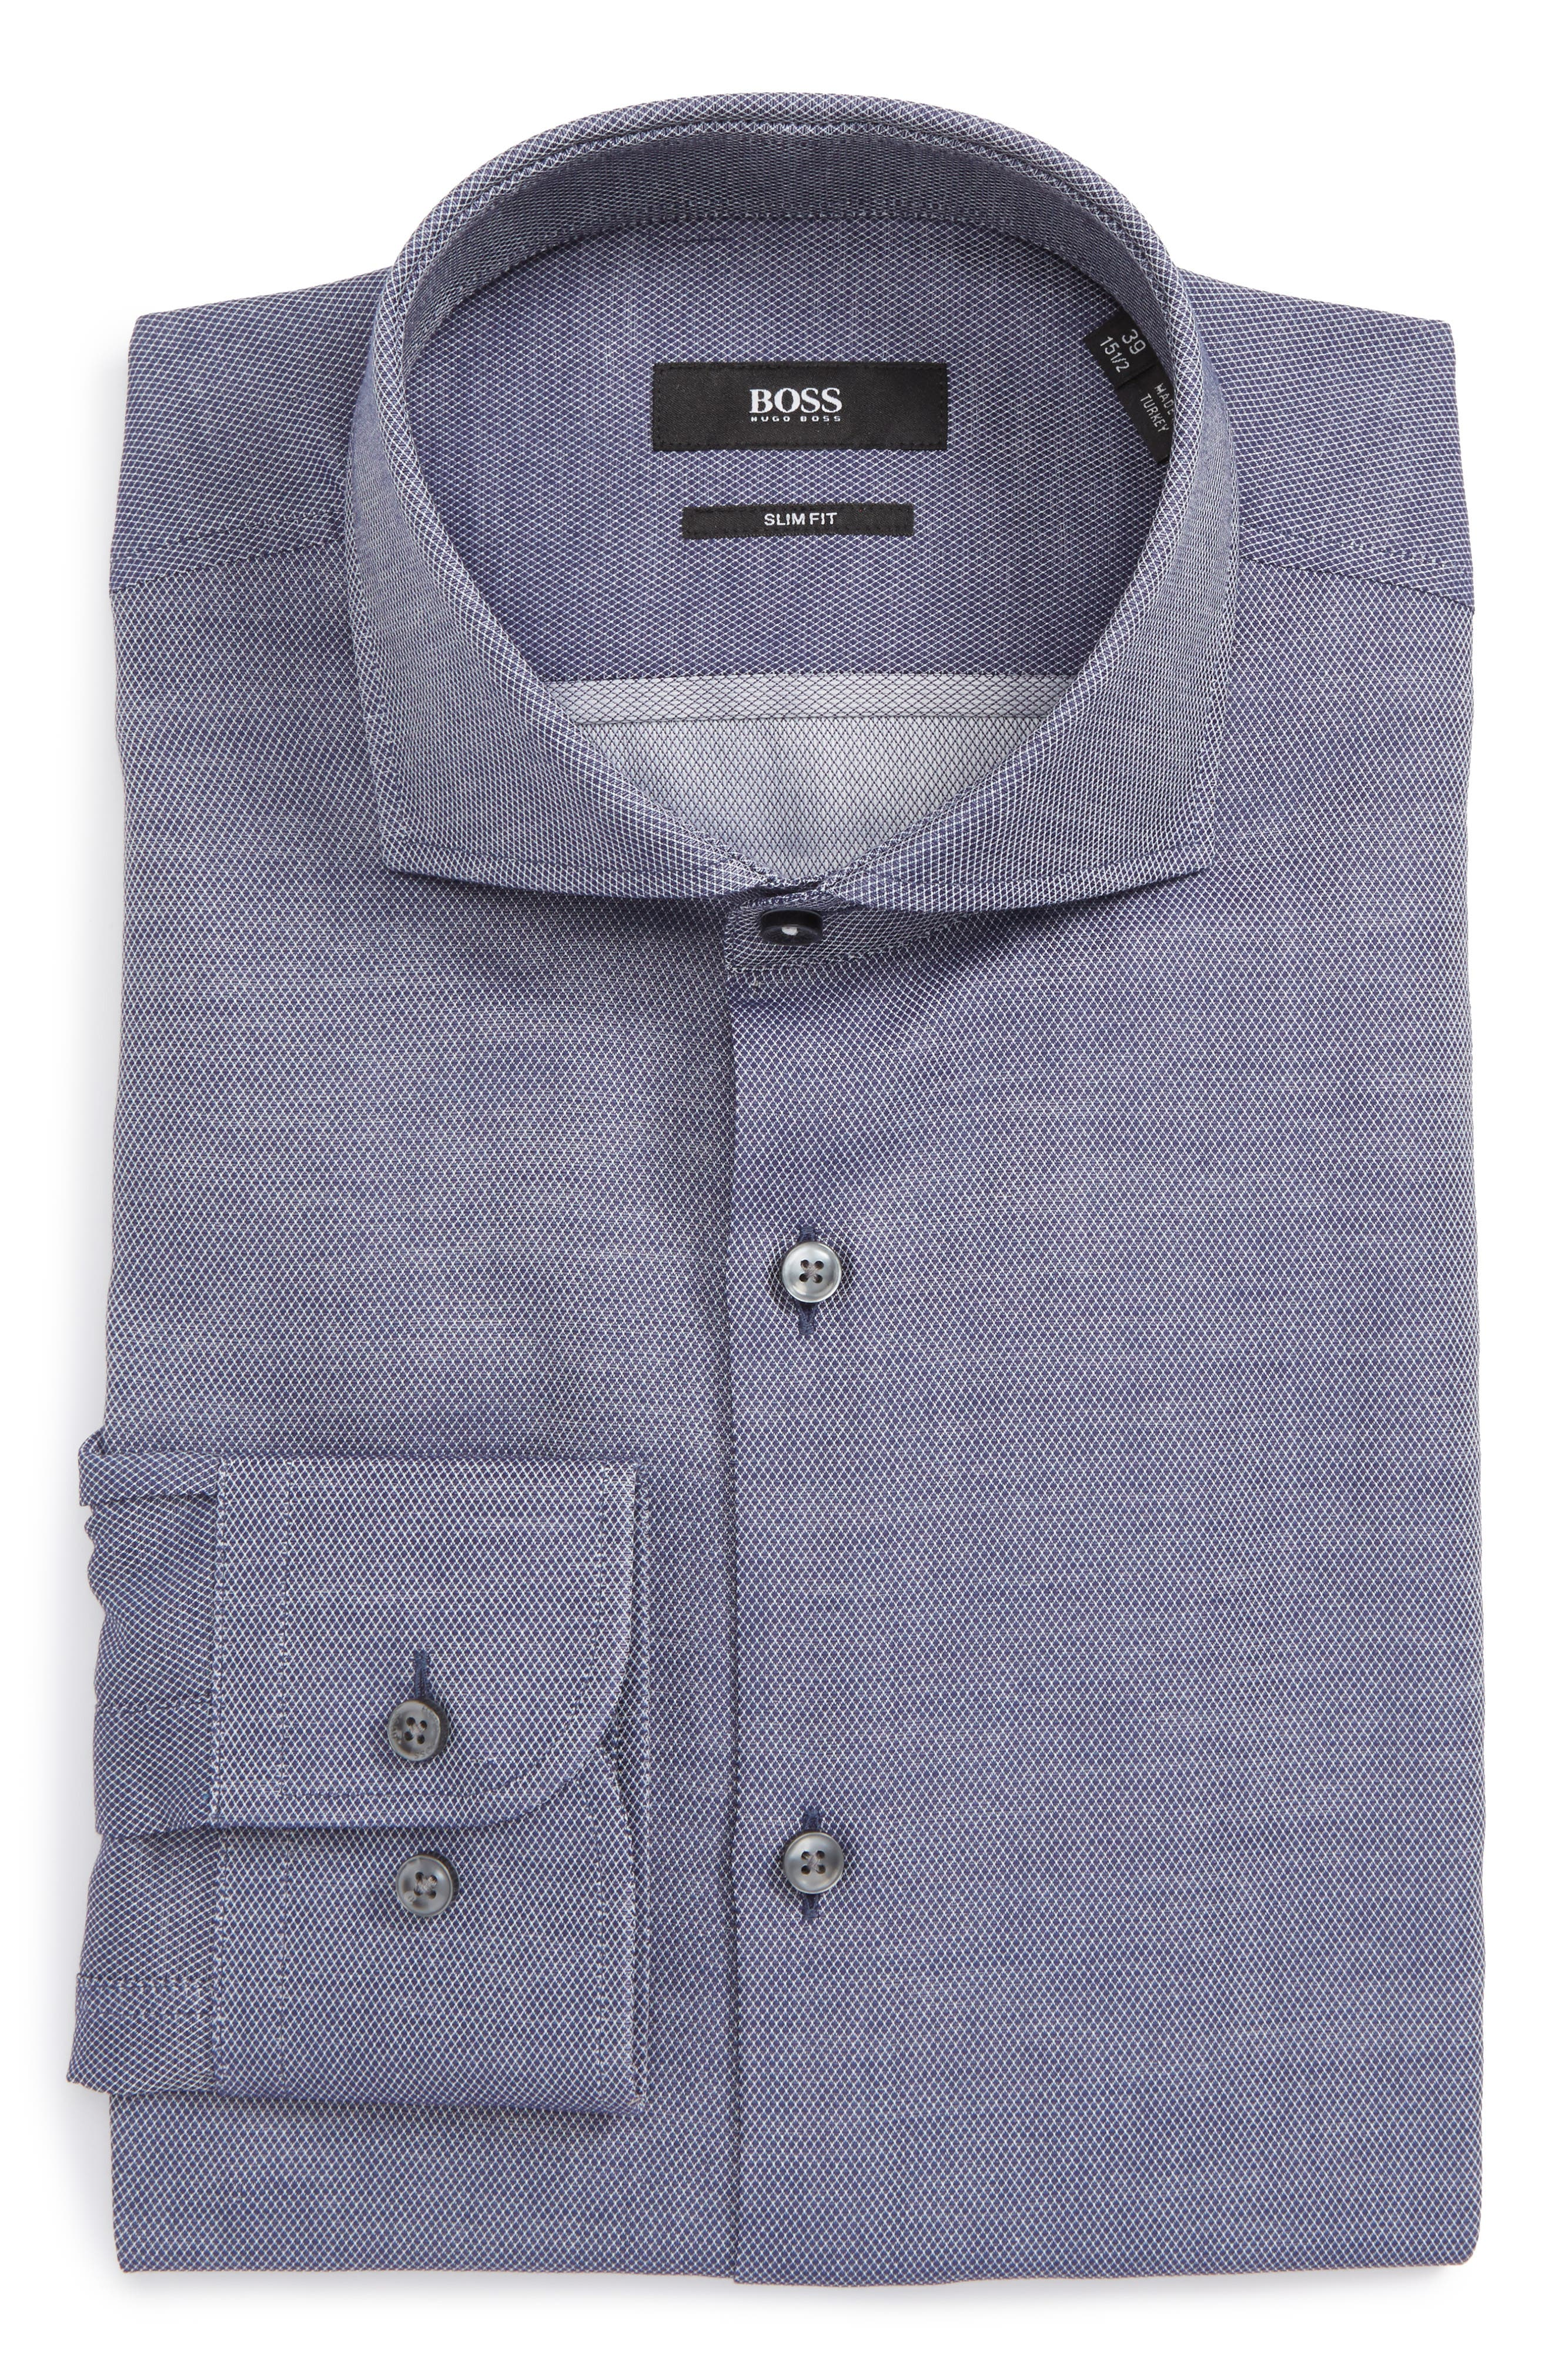 BOSS Jerrin Slim Fit Diamond Dress Shirt